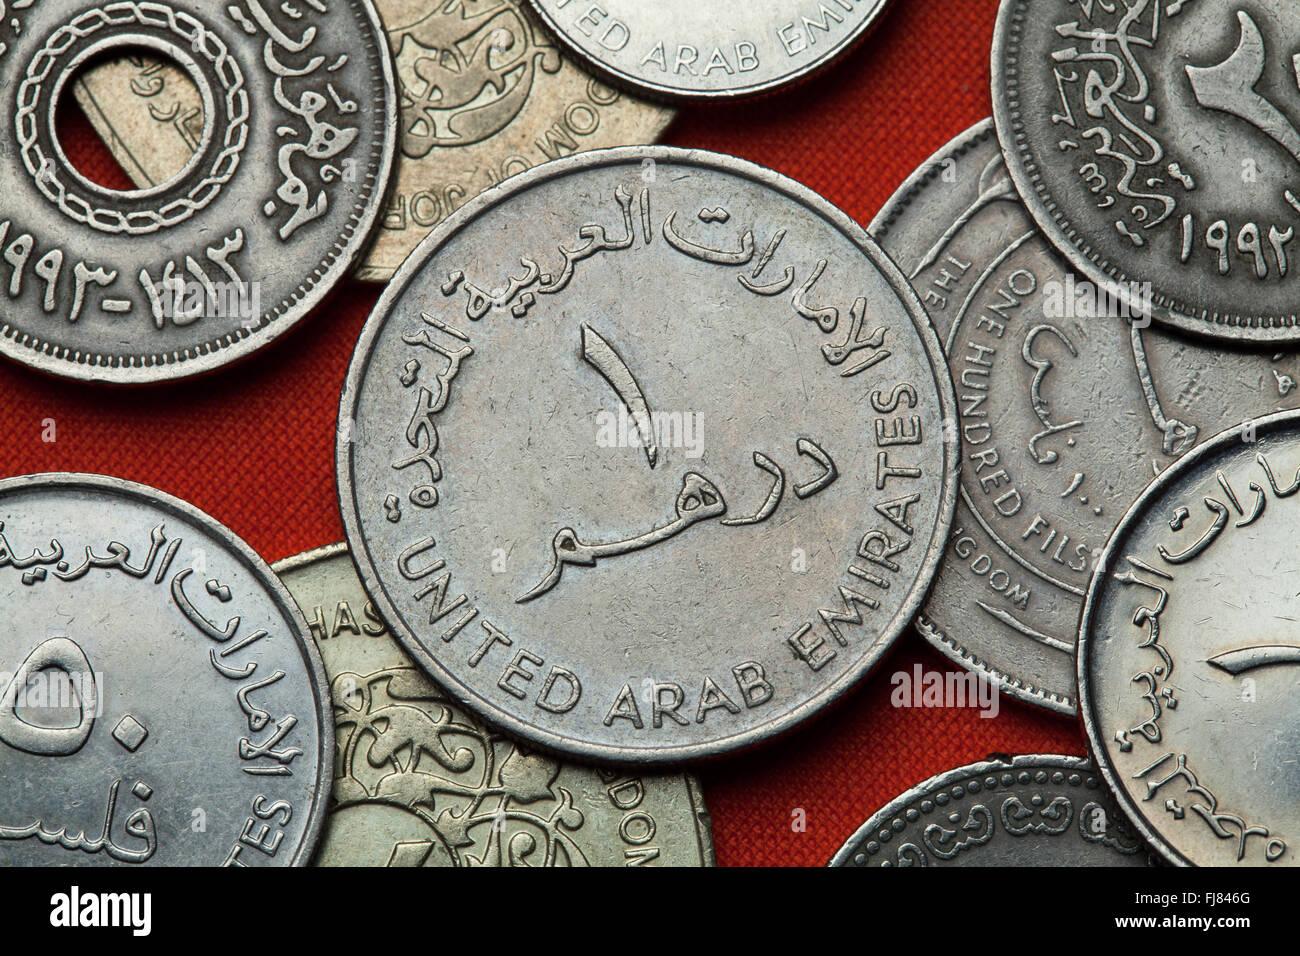 Arab emirates dirham coins stock photos arab emirates dirham uae one dirham coin stock image biocorpaavc